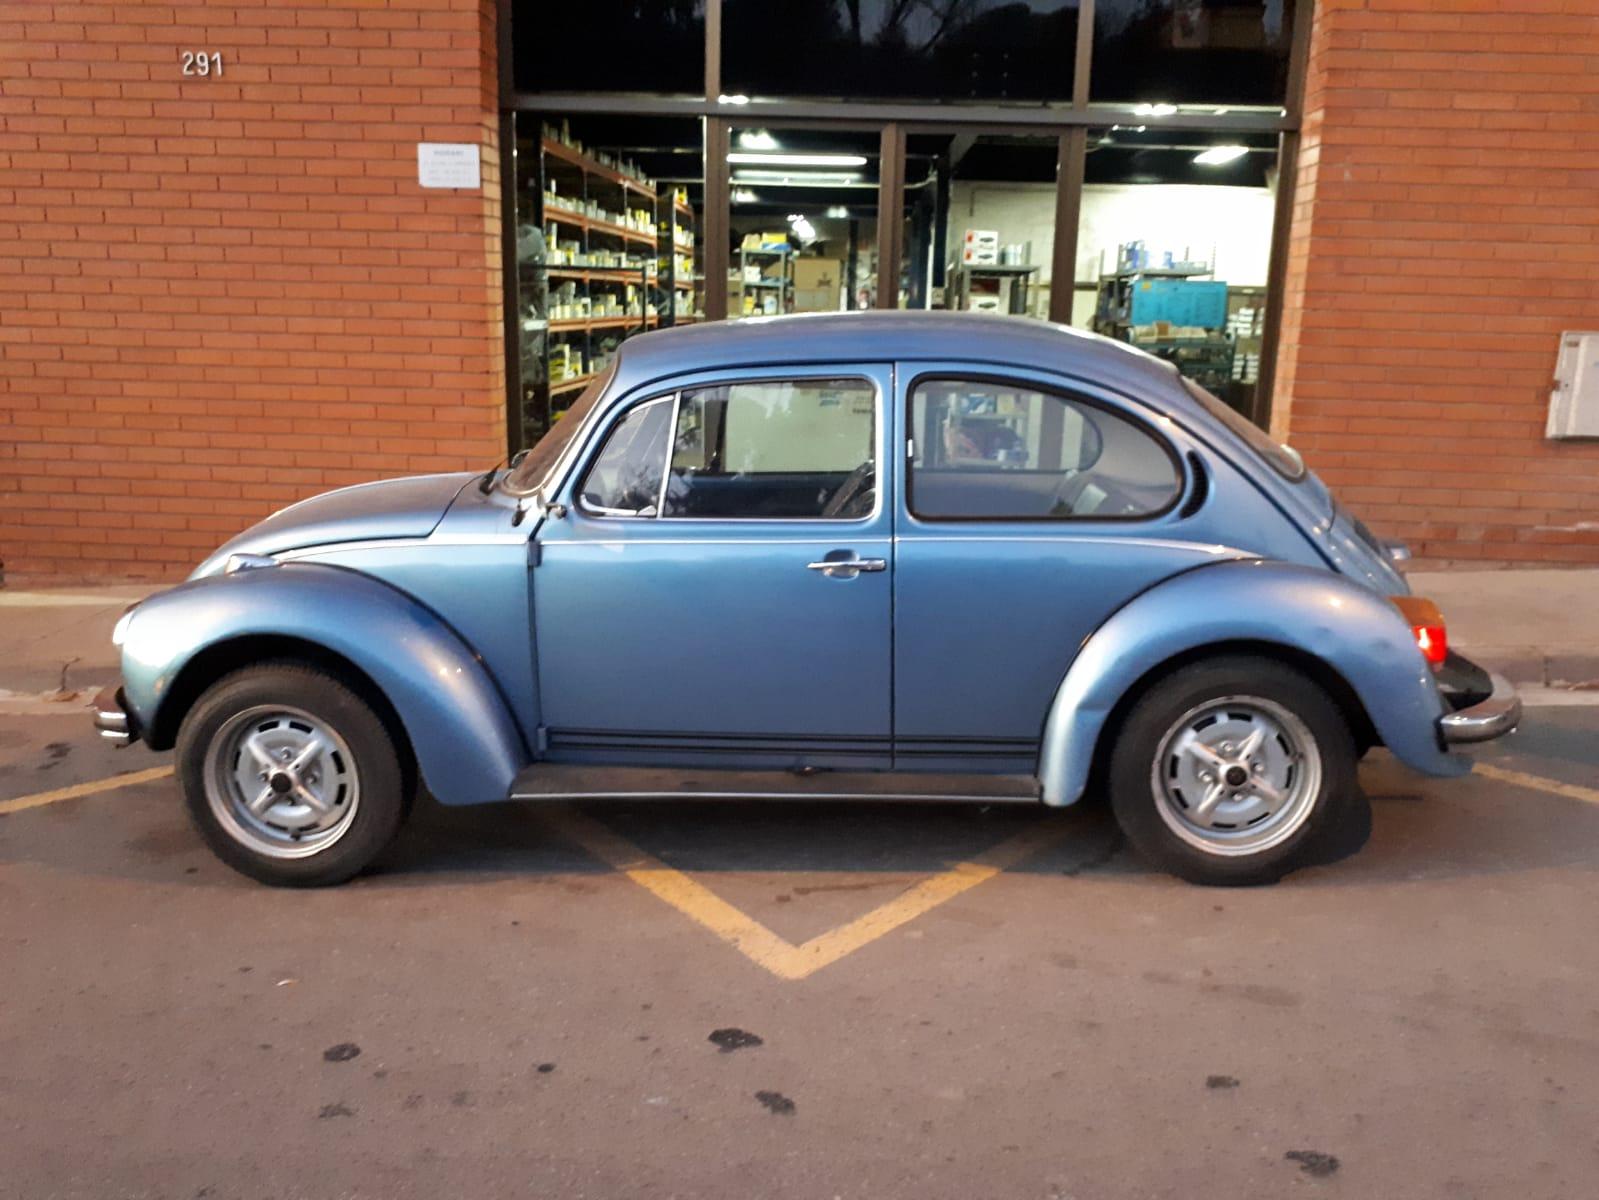 10739  Alquiler Volkswagen Beetle escarabajo Azul lateral - copia